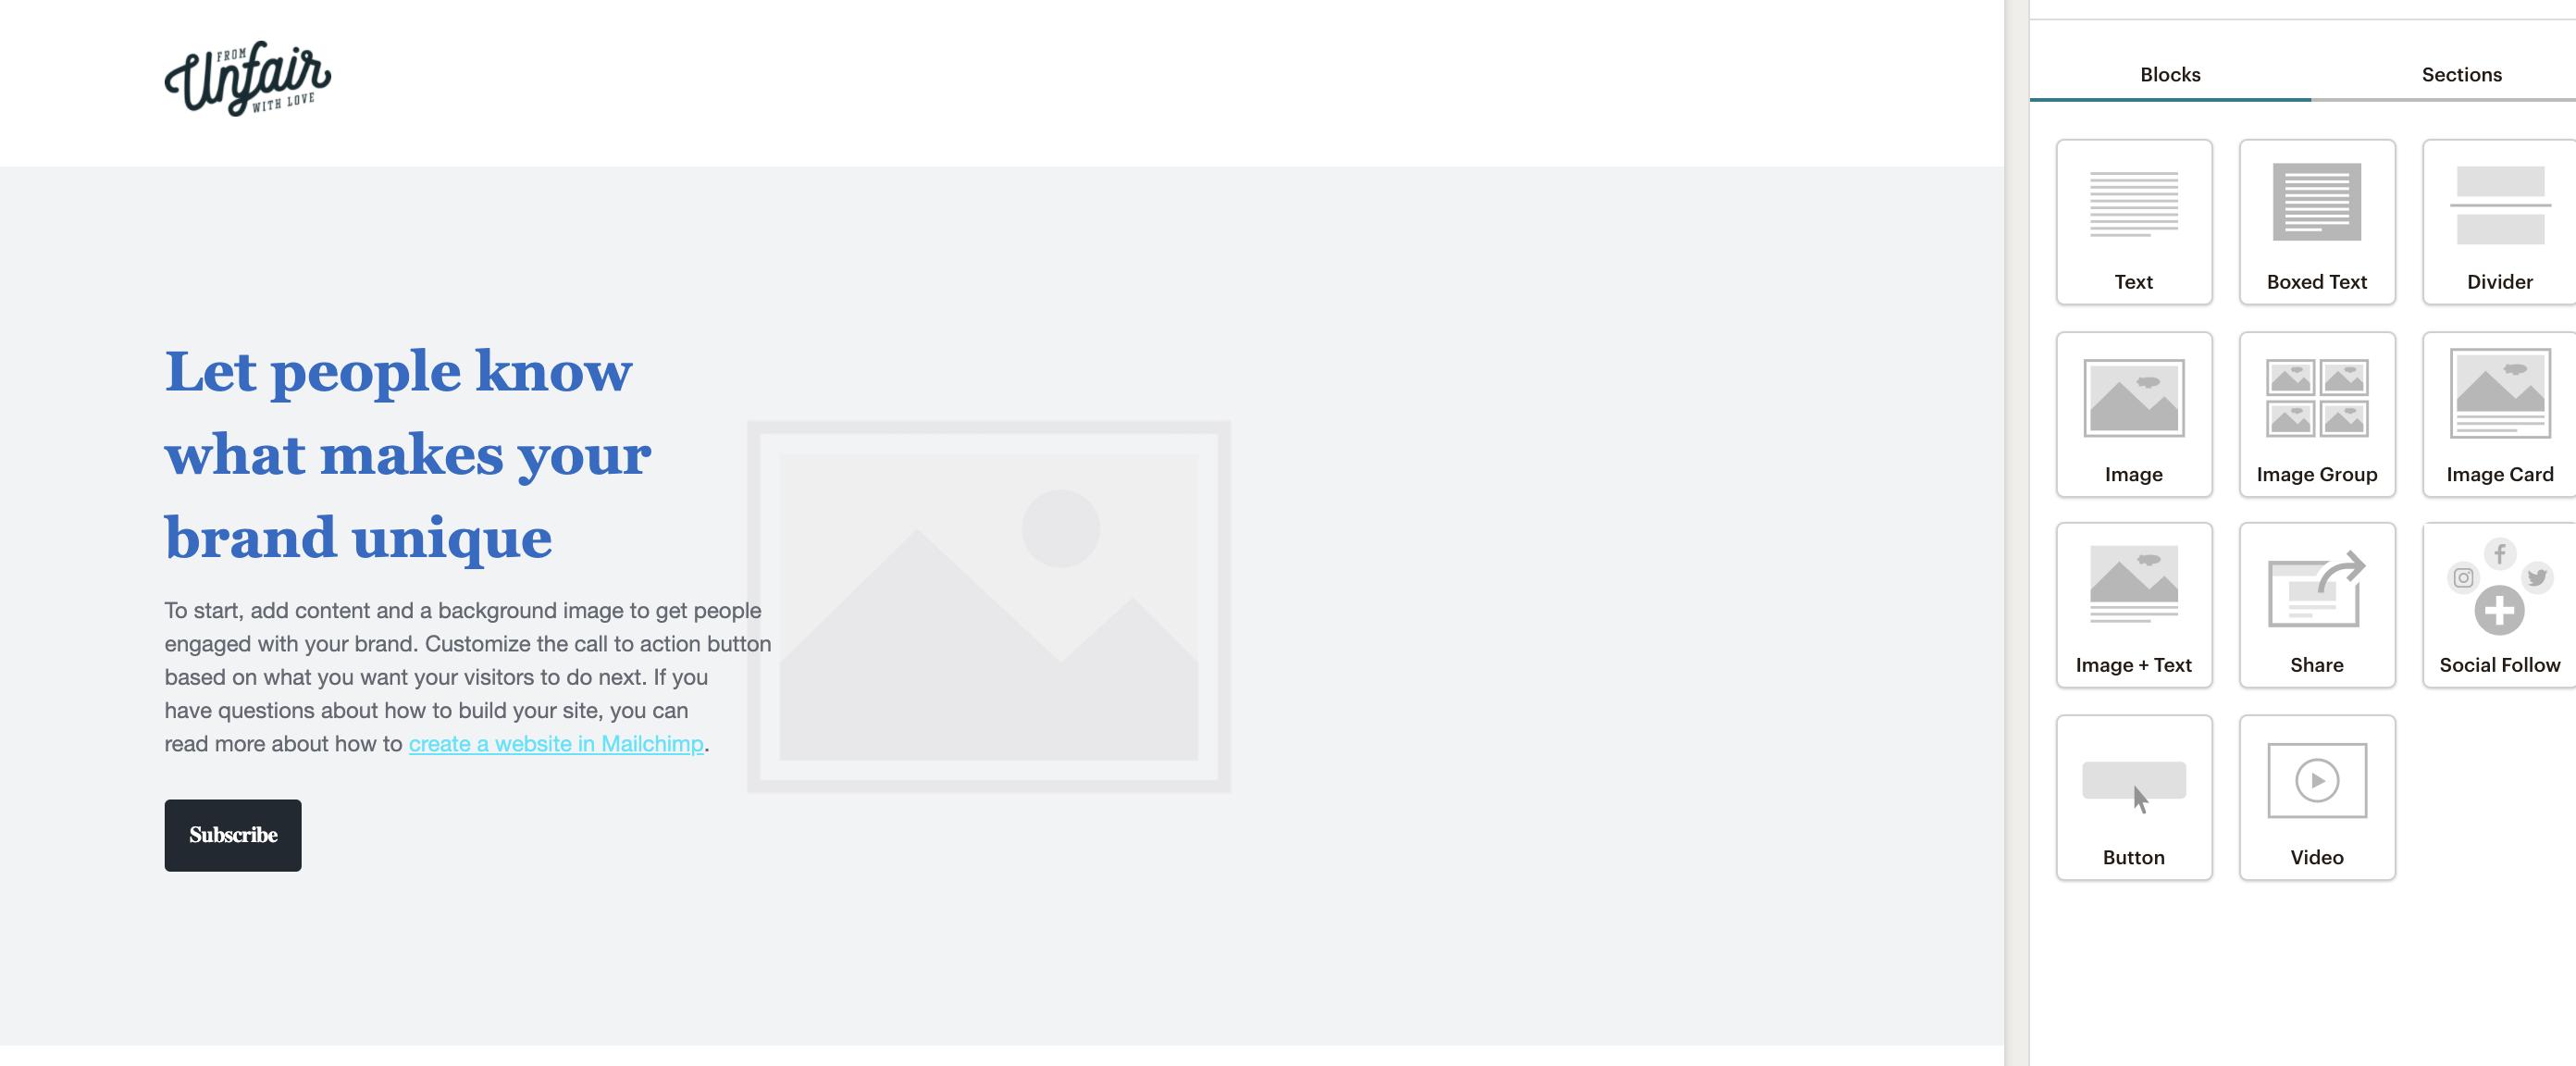 Laskeutumissivun rakentaminen MailChimpissä on sujuvaa